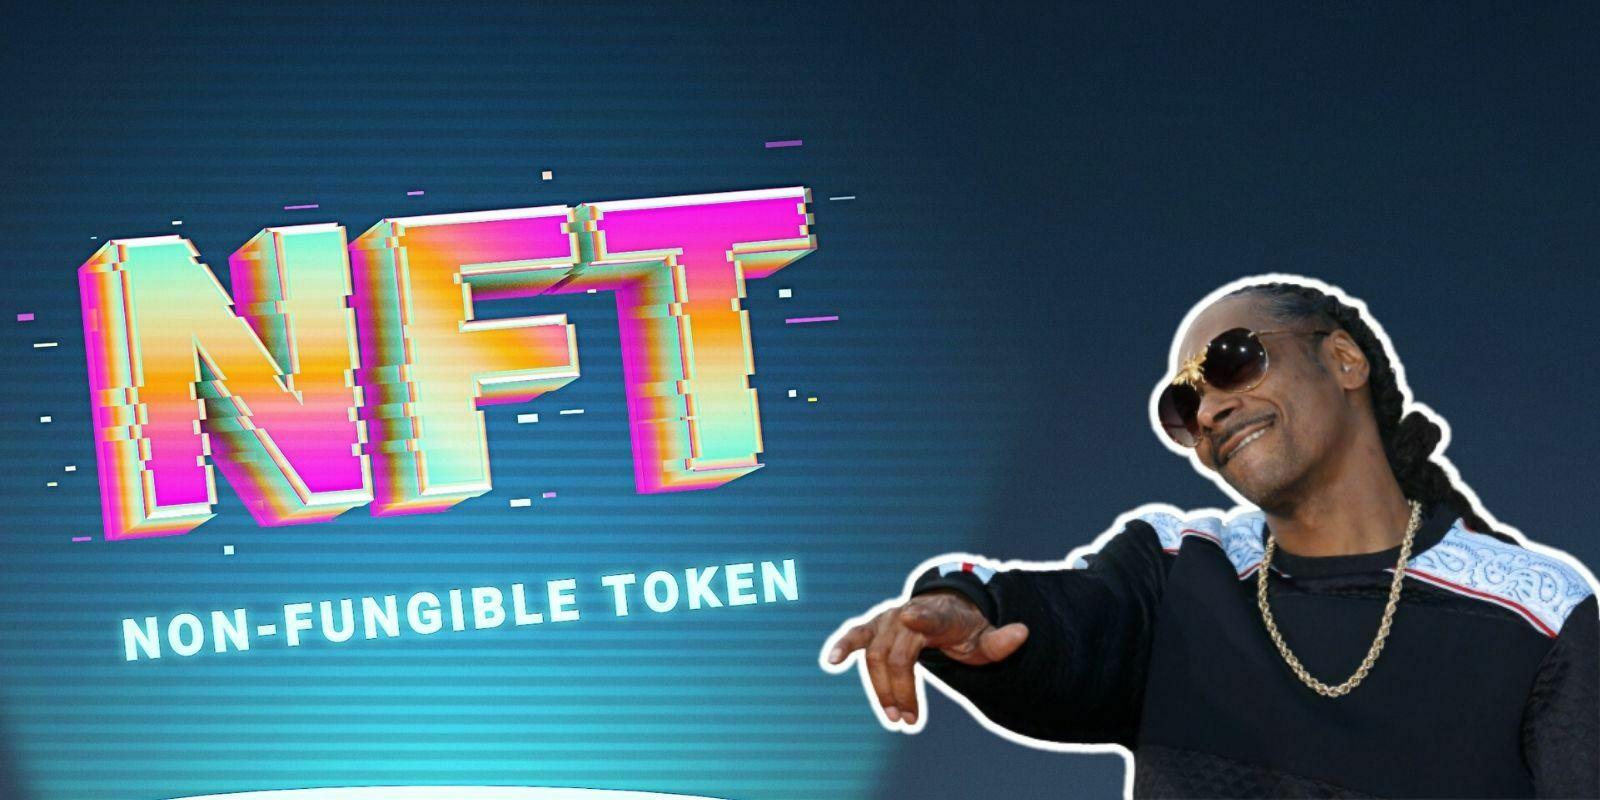 Le rappeur Snoop Dogg va mettre aux enchères une collection de NFTs